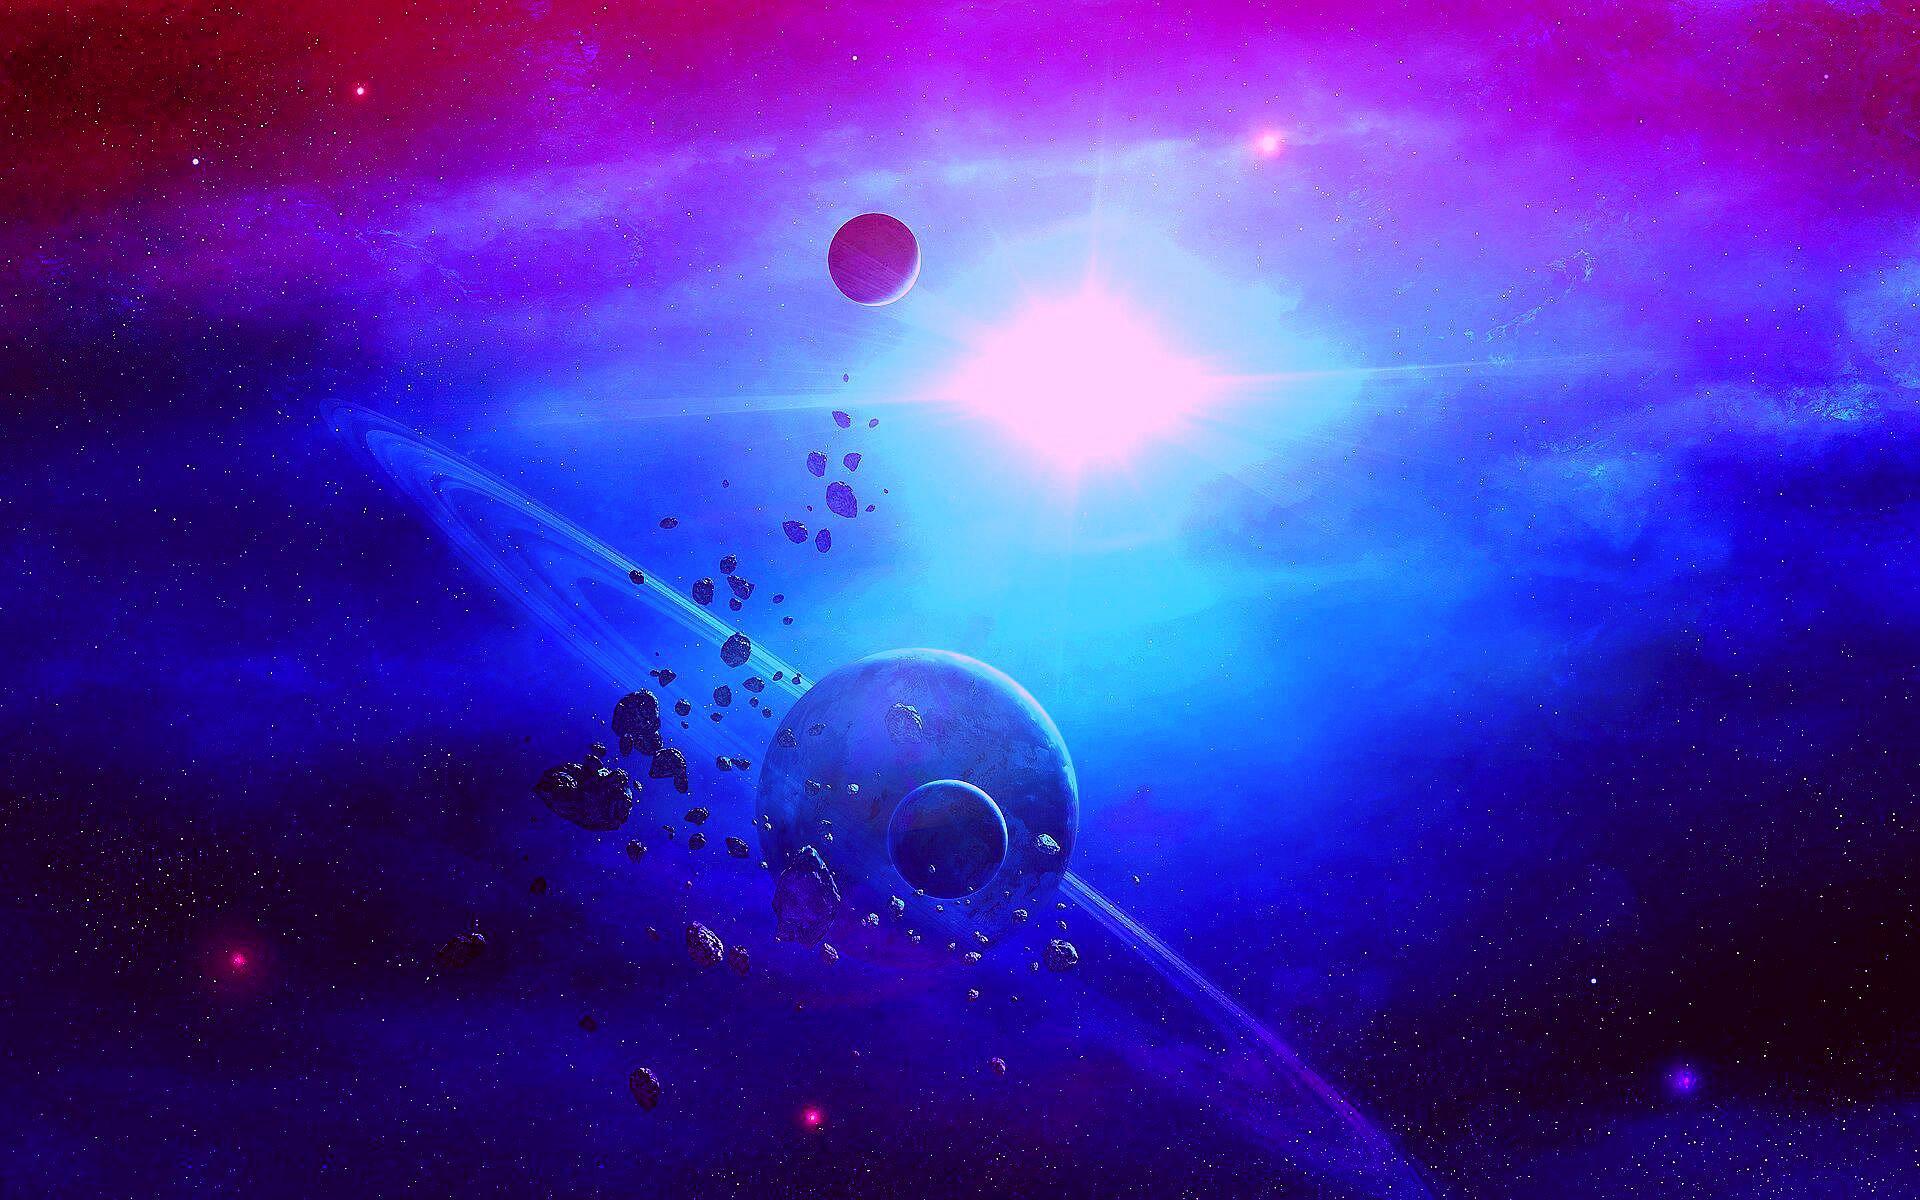 Картинки на тему астрономии